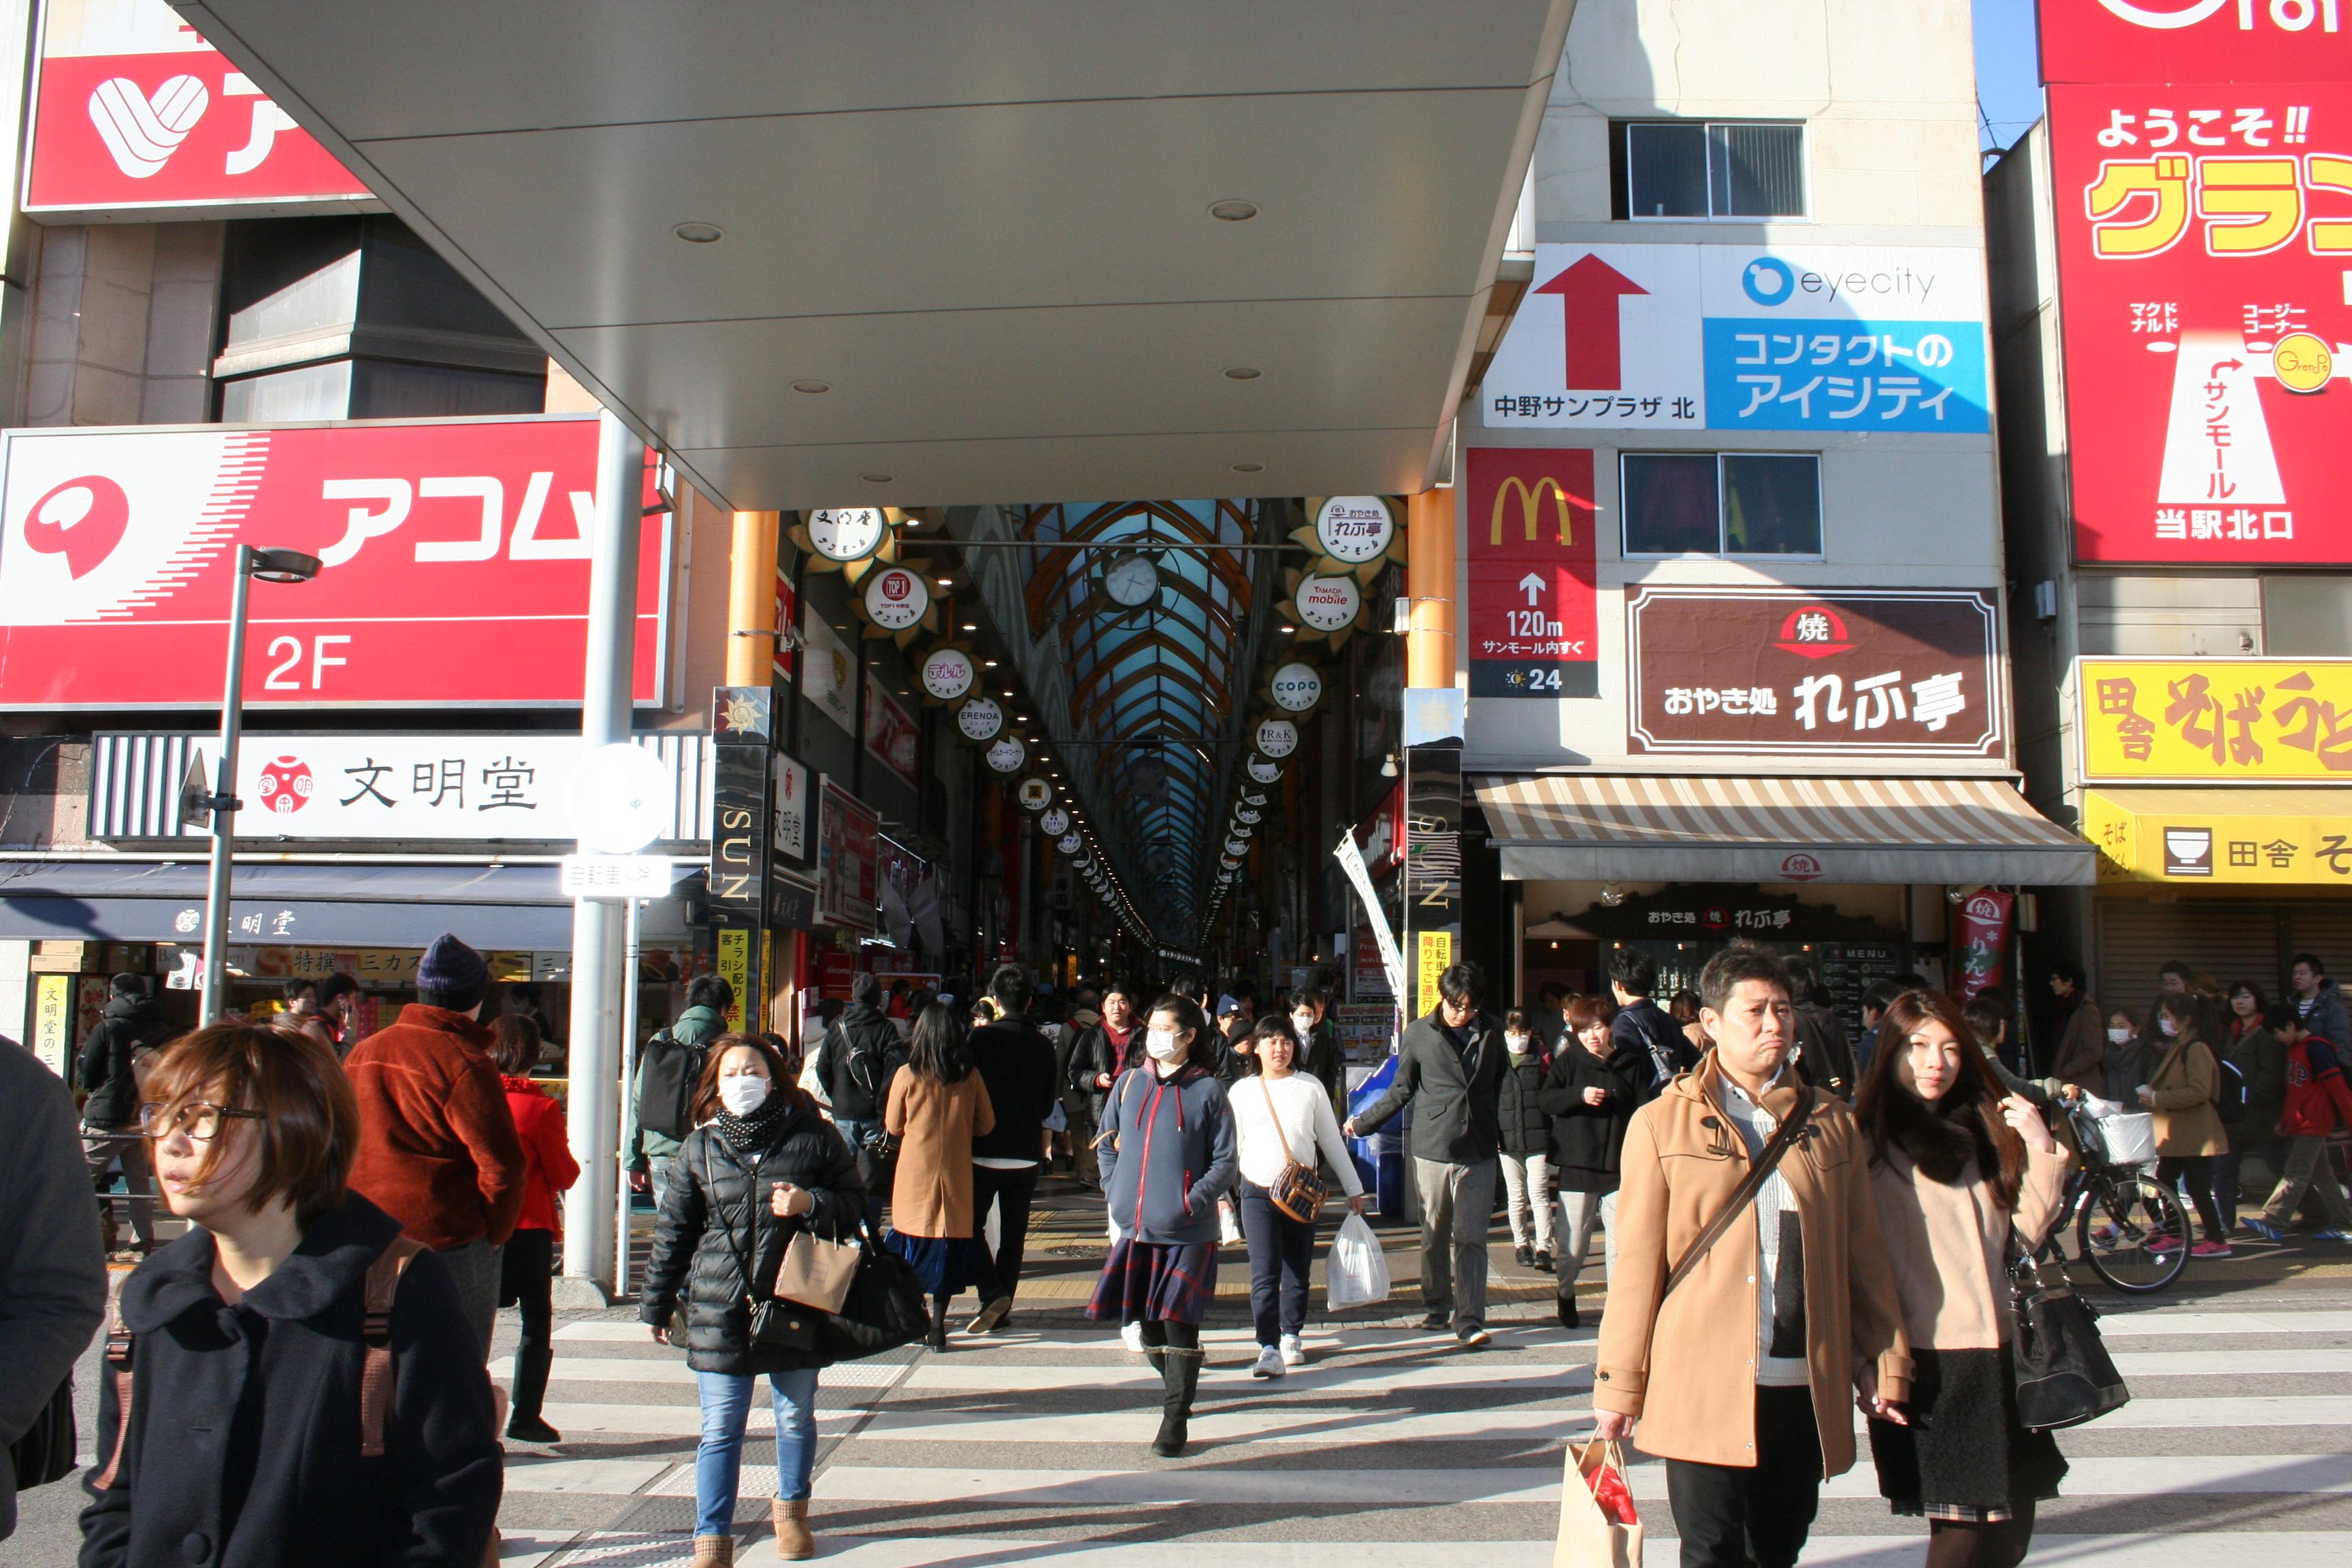 도쿄-나카노브로드웨이16